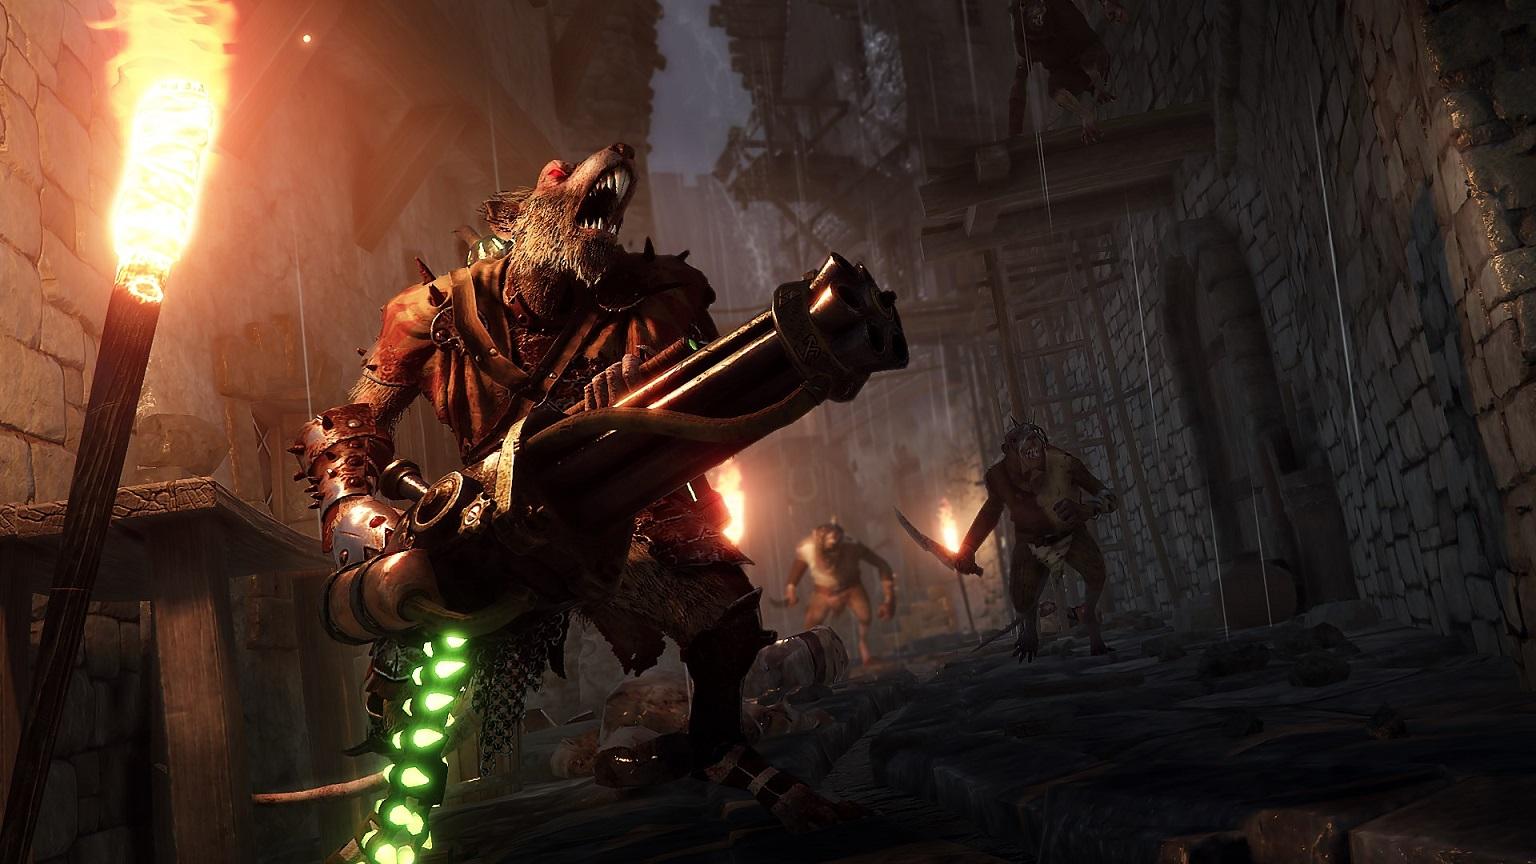 В Steam проходят бесплатные выходные с игрой Warhammer: Vermintide 2